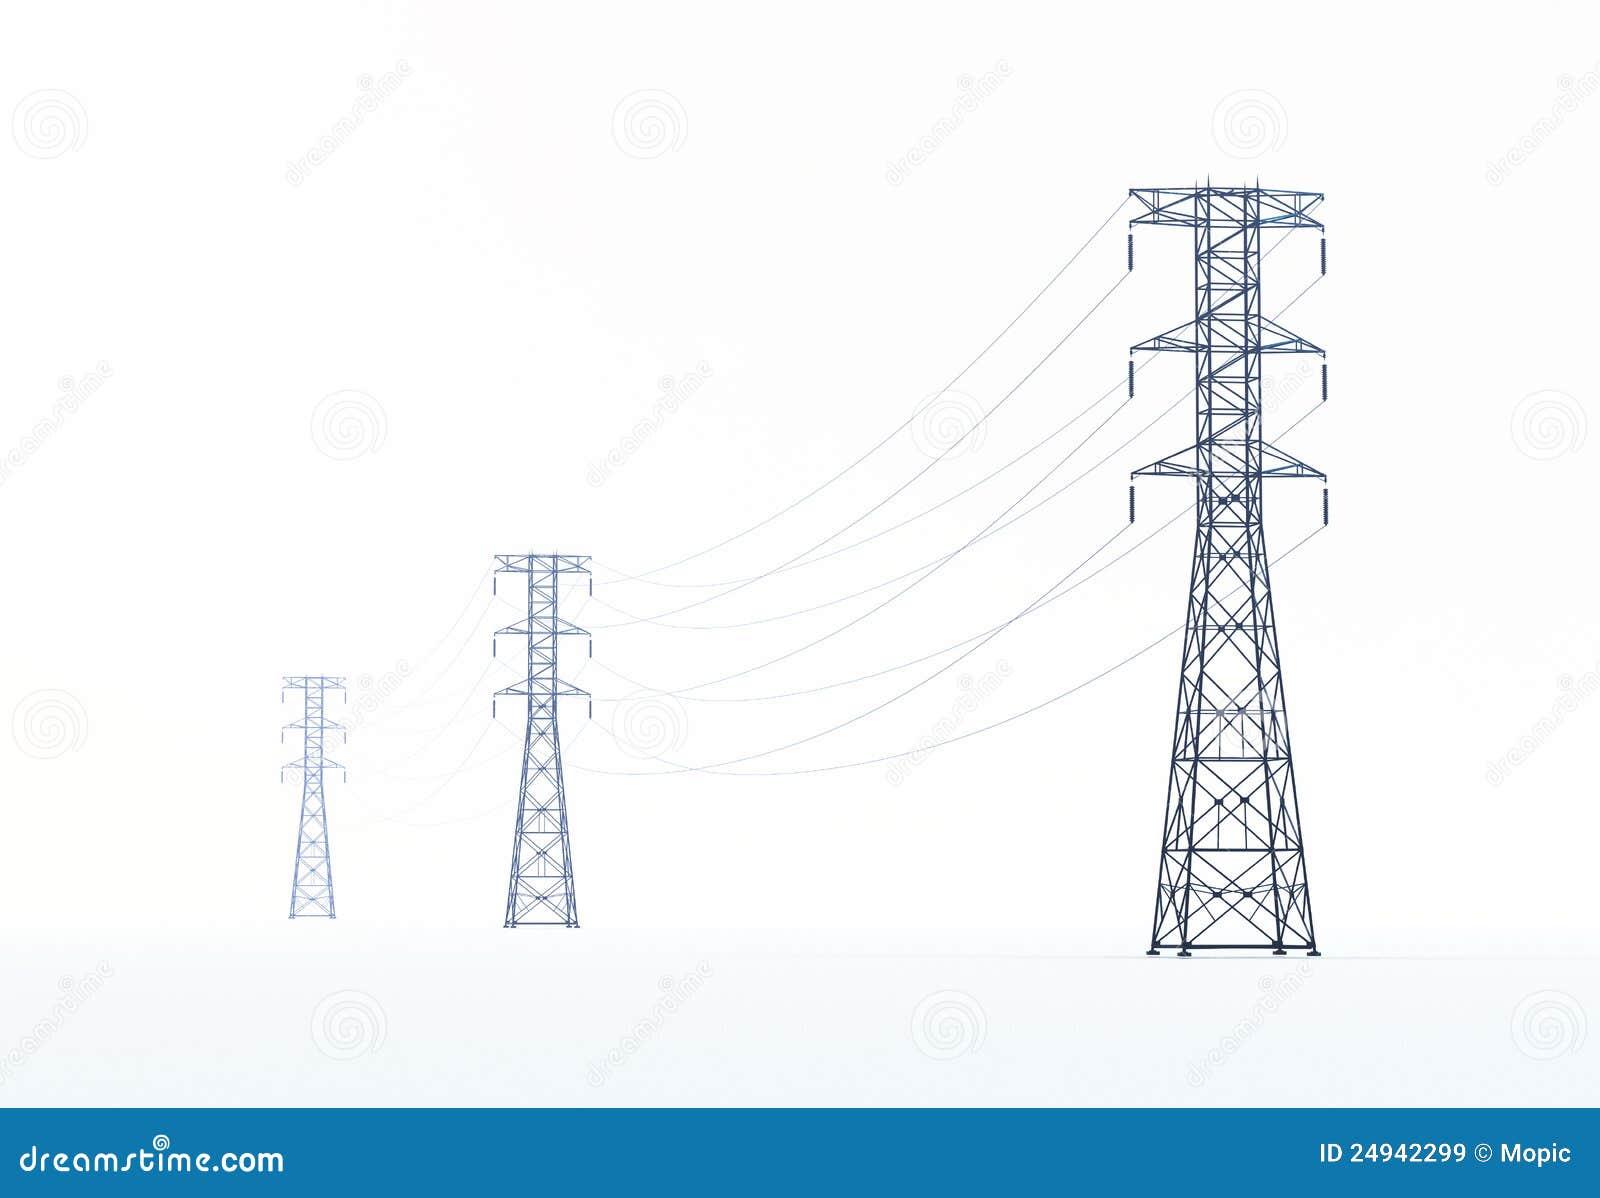 Líneas Eléctricas De Alto Voltaje Stock de ilustración - Ilustración ...